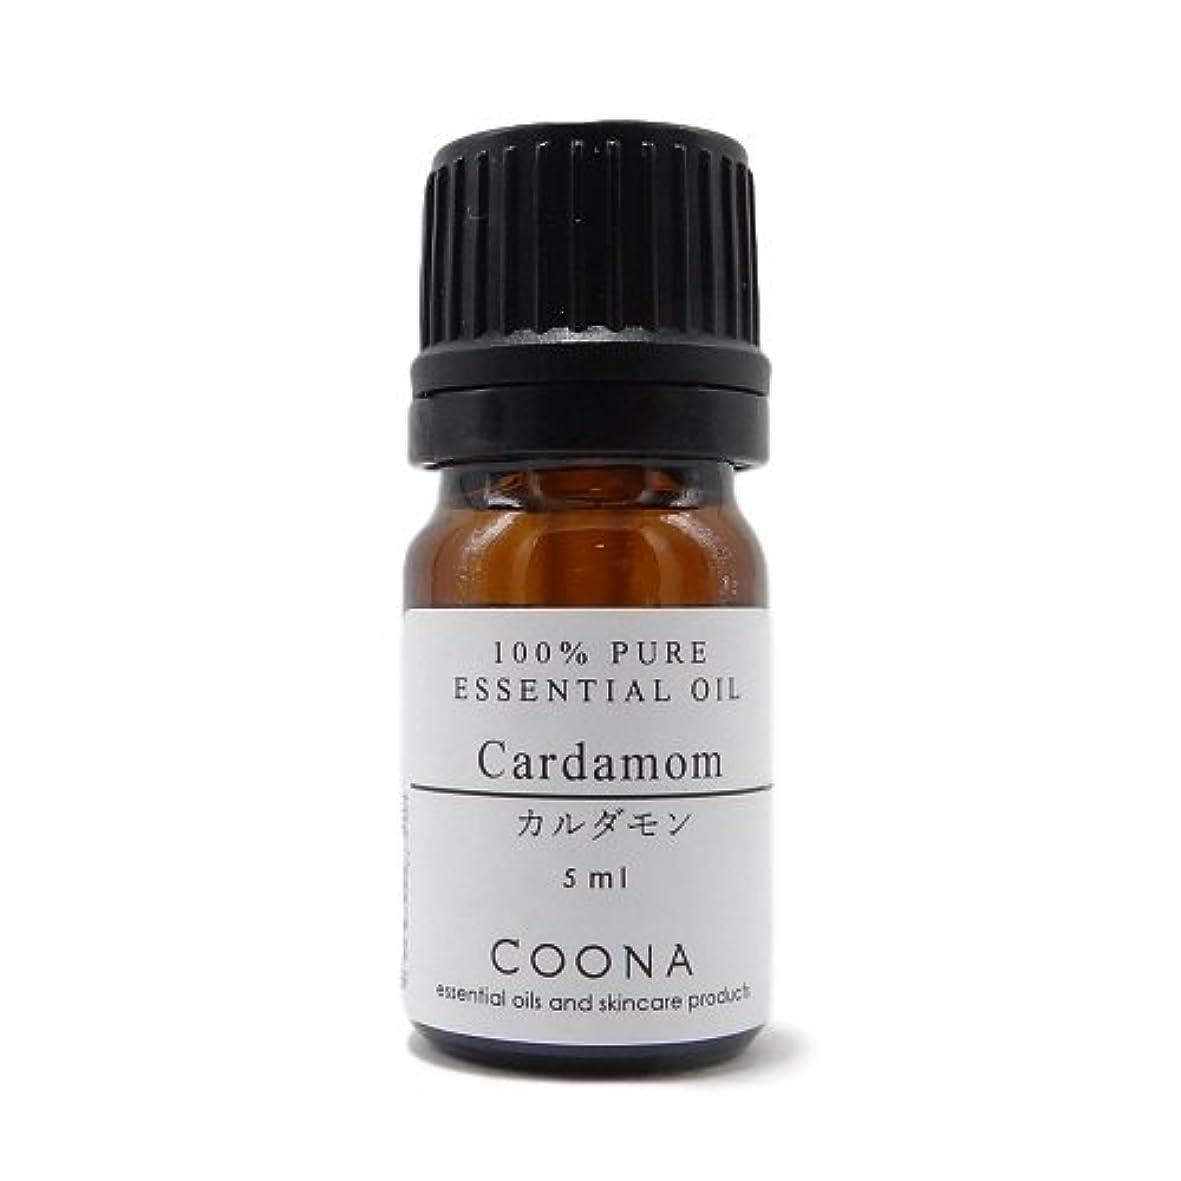 暖炉インシデントできたカルダモン 5 ml (COONA エッセンシャルオイル アロマオイル 100%天然植物精油)